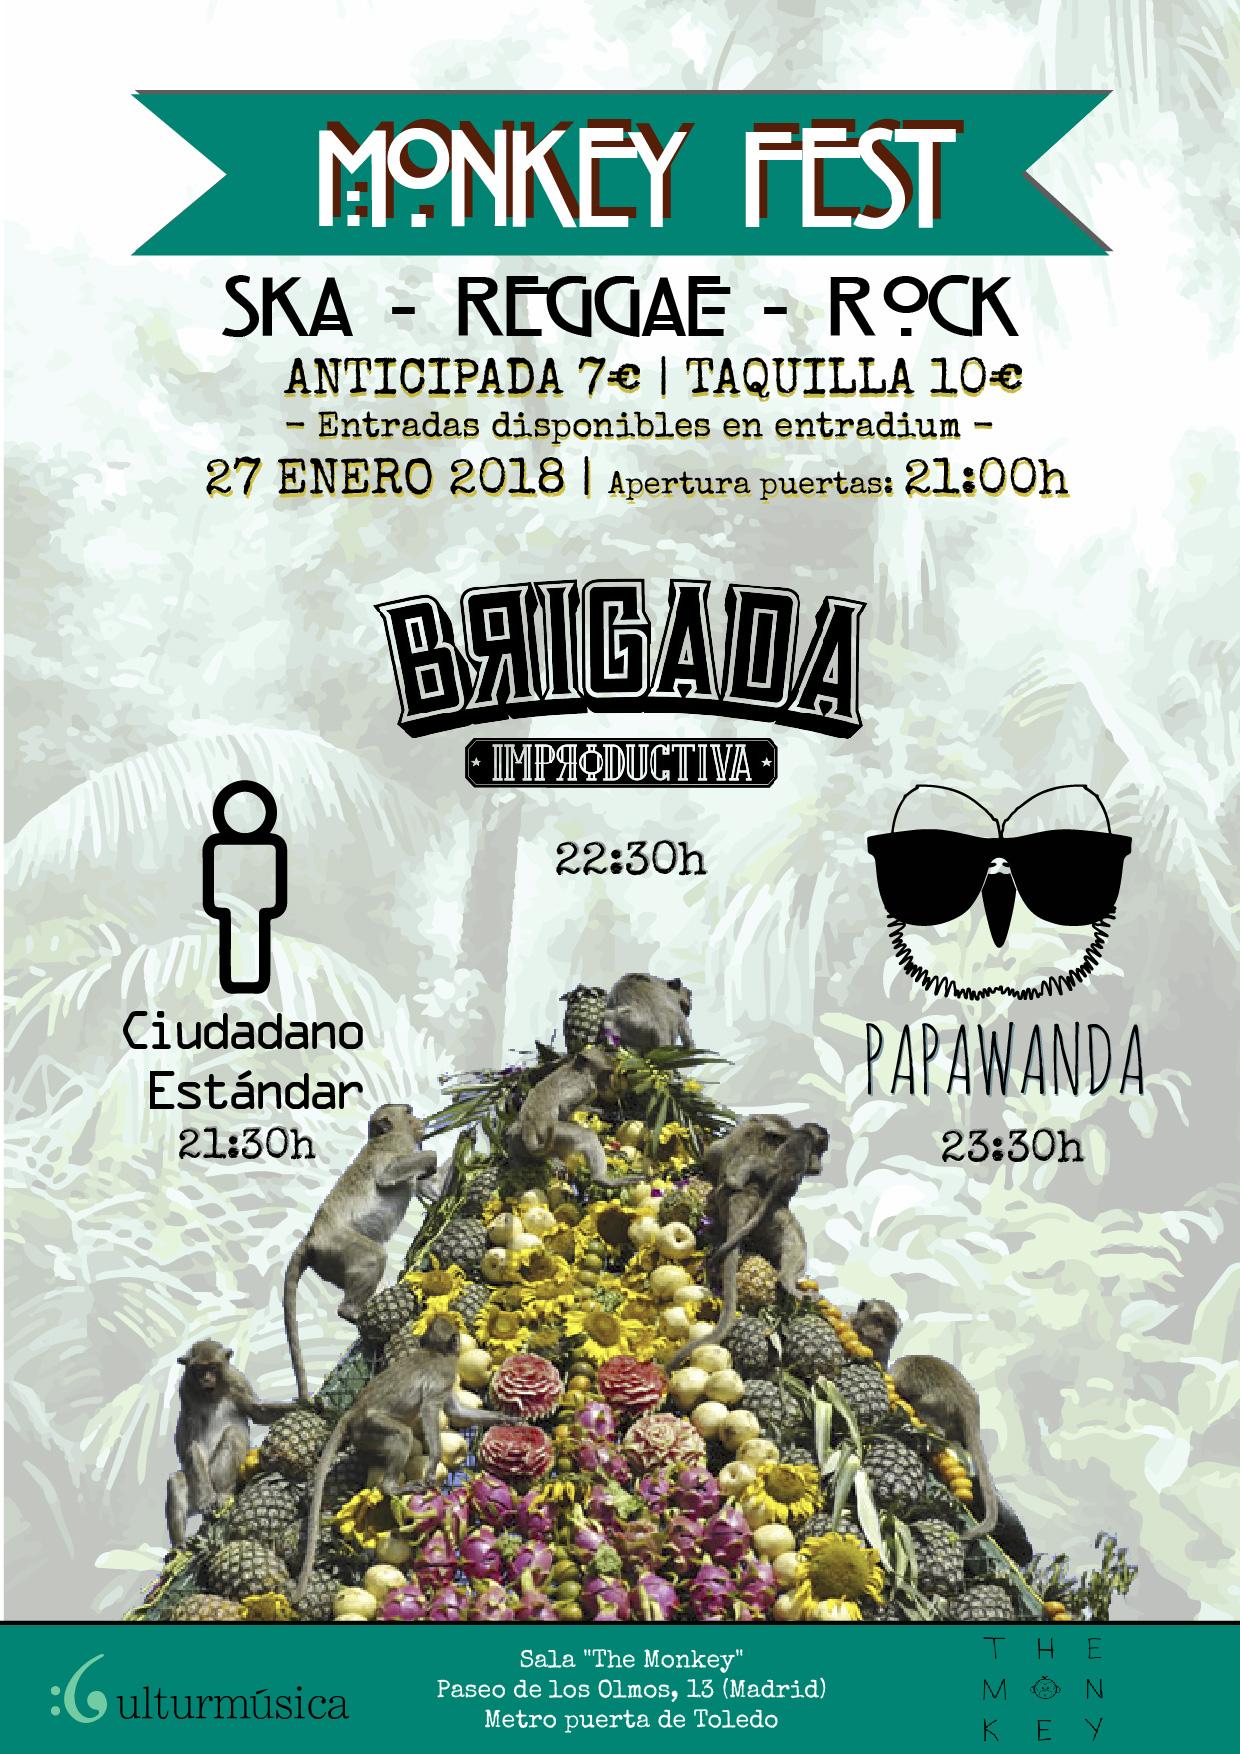 The Monkey Fest: Papawanda, Brigada Improductiva y Ciudadano Estándar